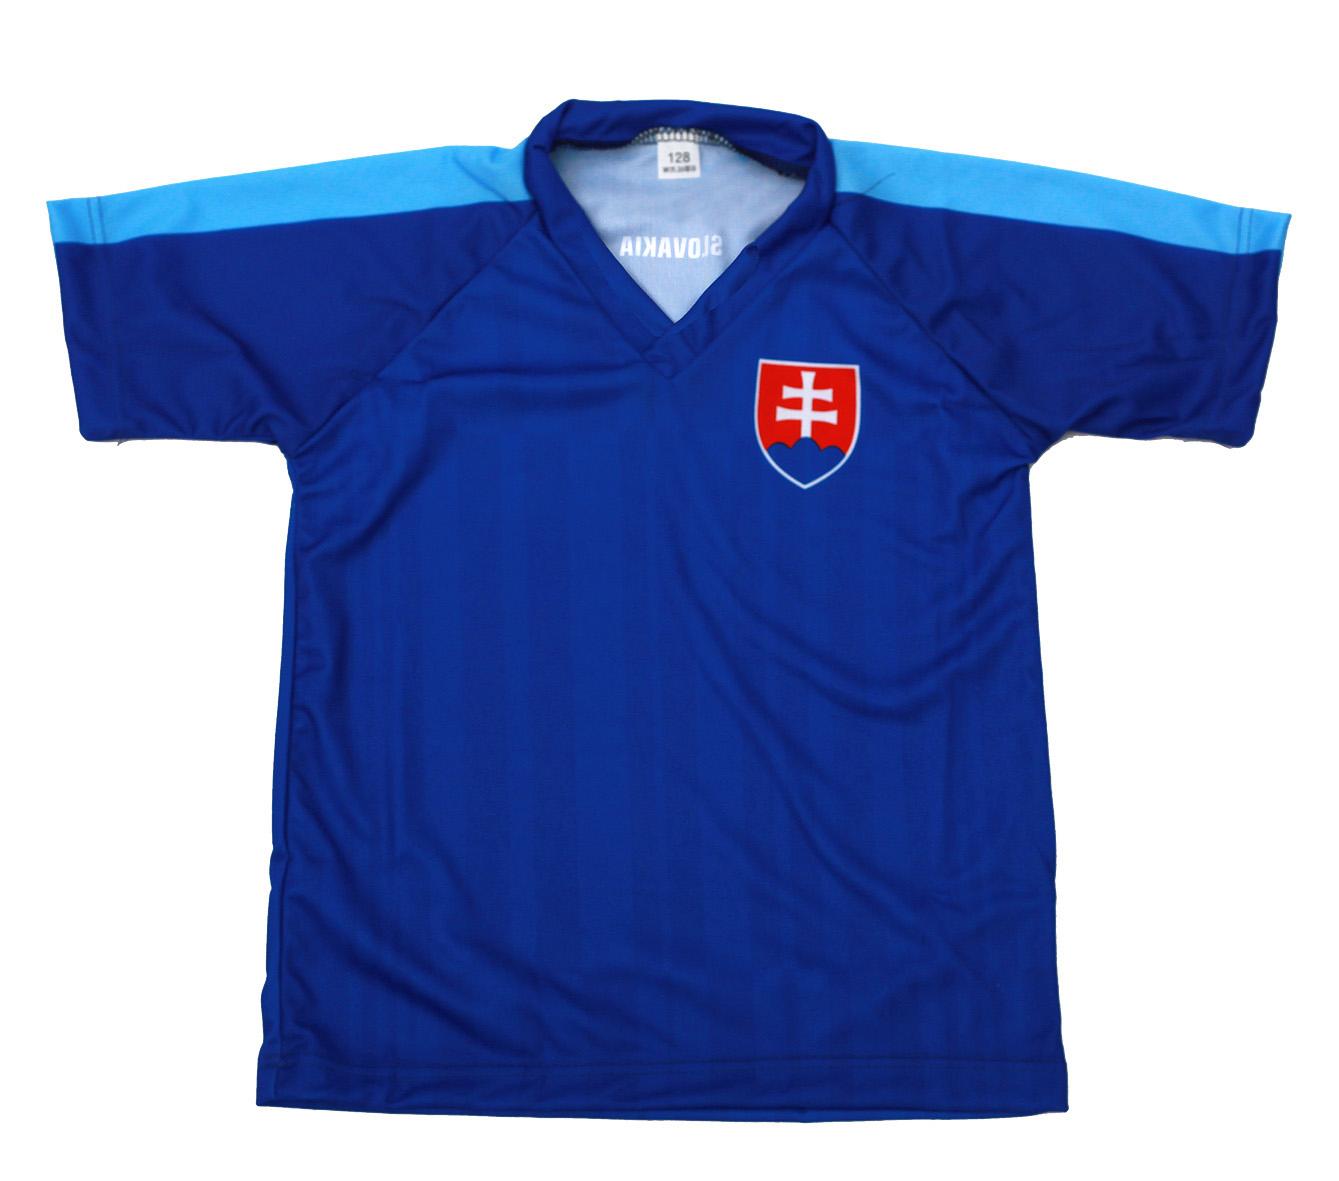 ee1ed77ad873b Futbalový dres Slovensko - detský, modrý, reprezentačný